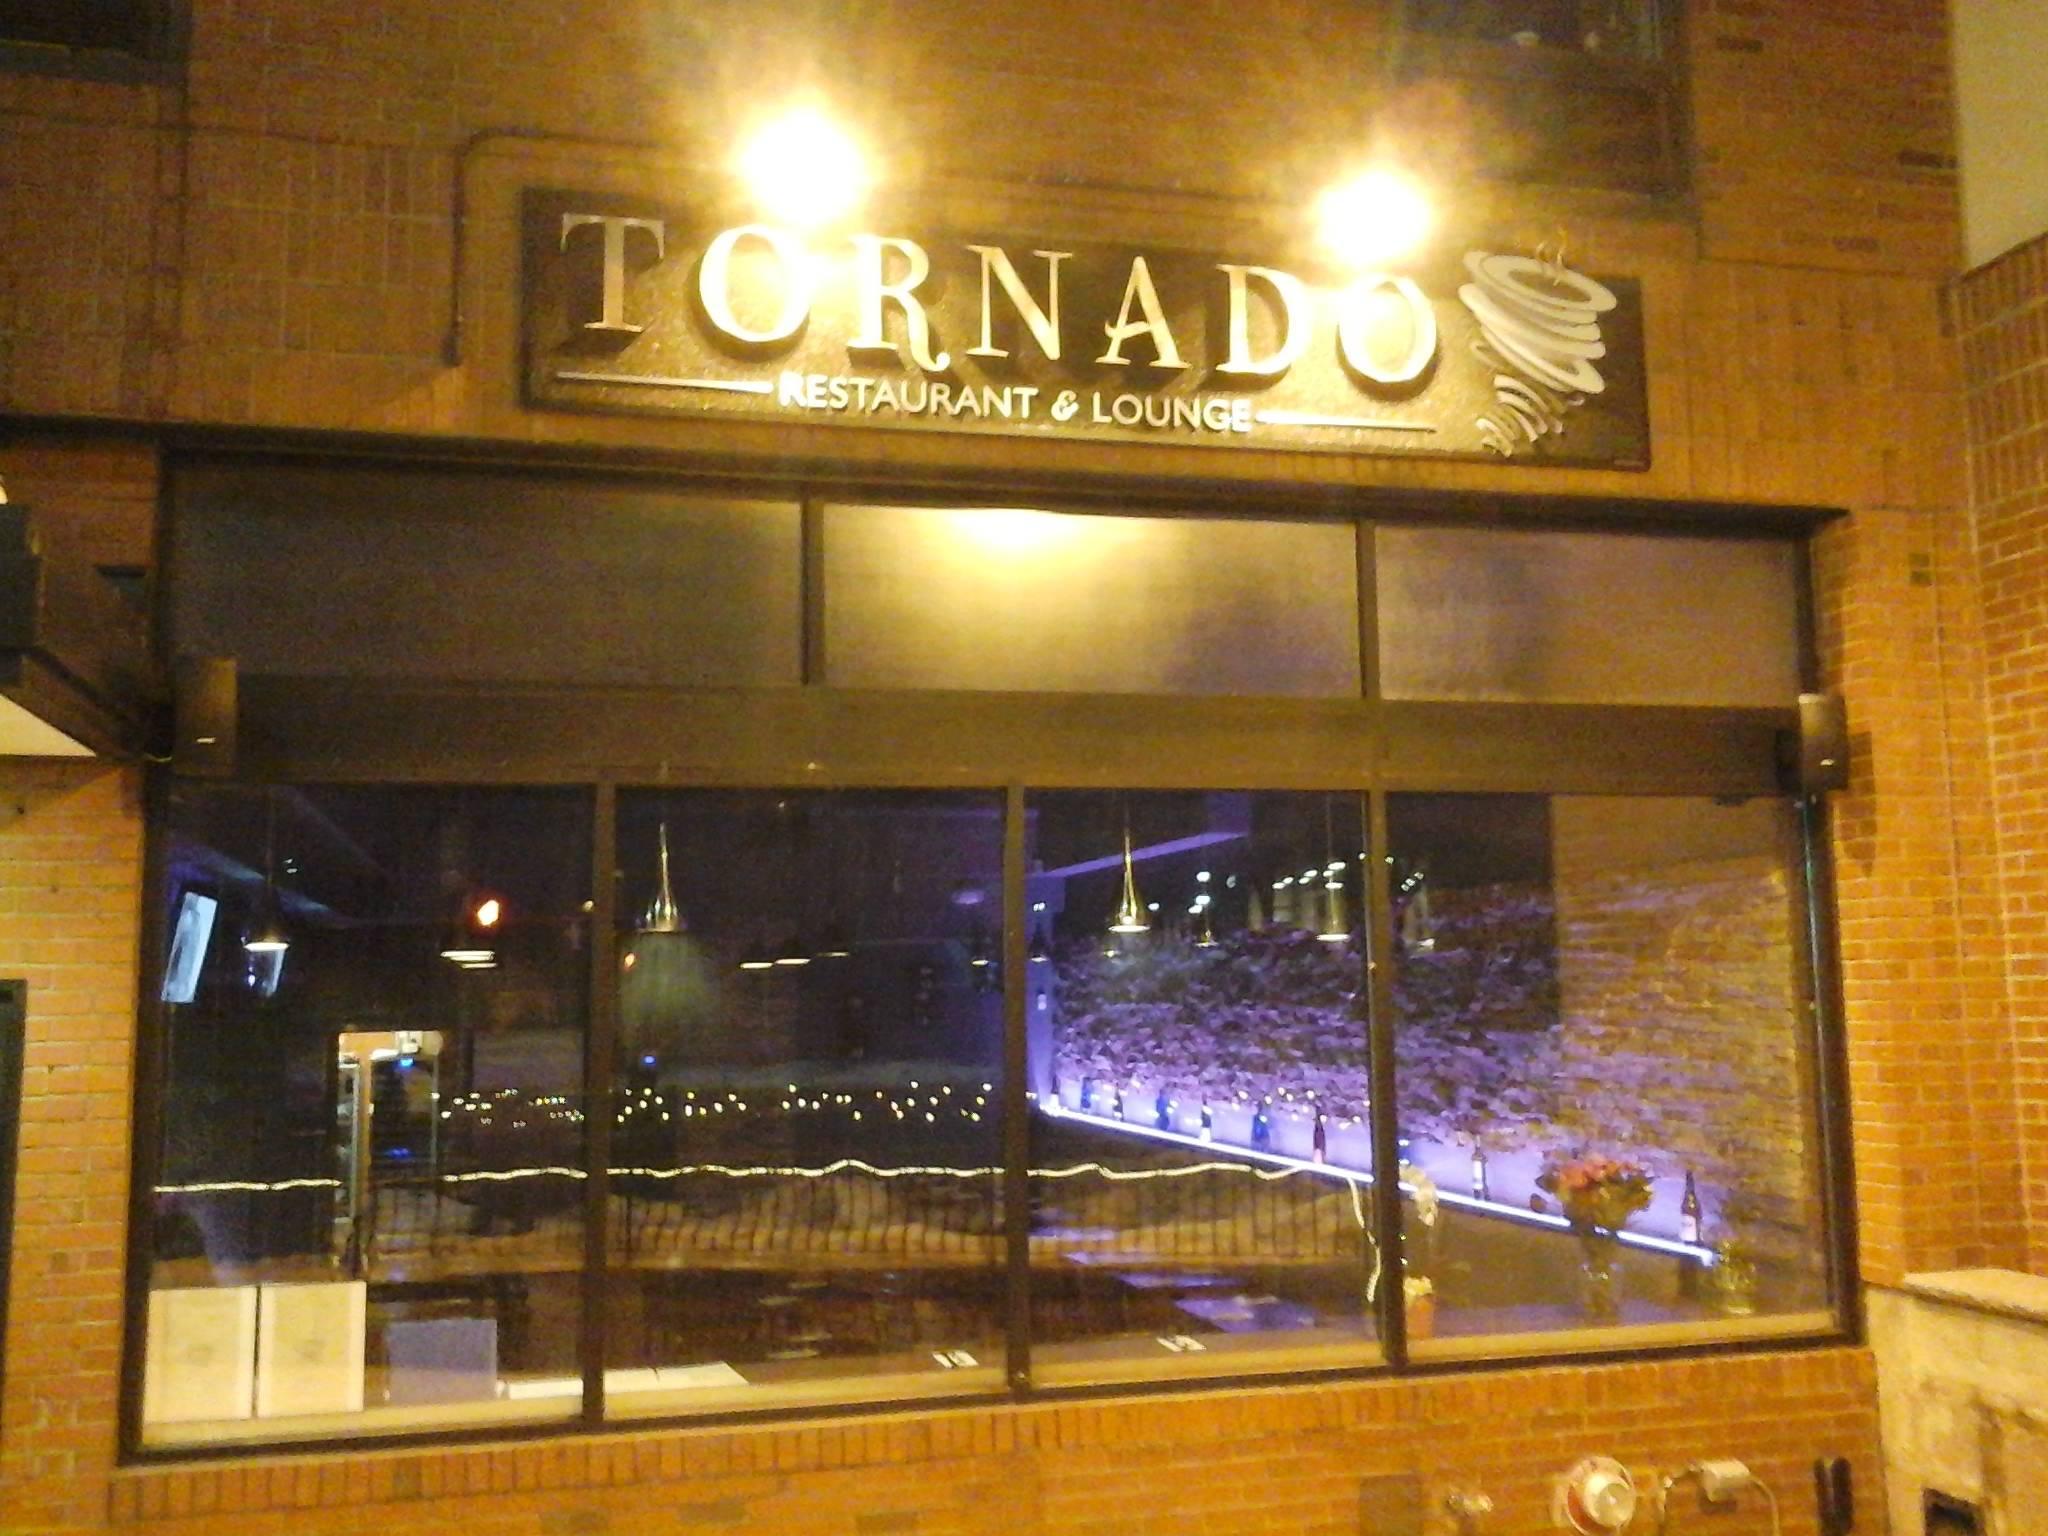 Malden Eats heads to Tornado